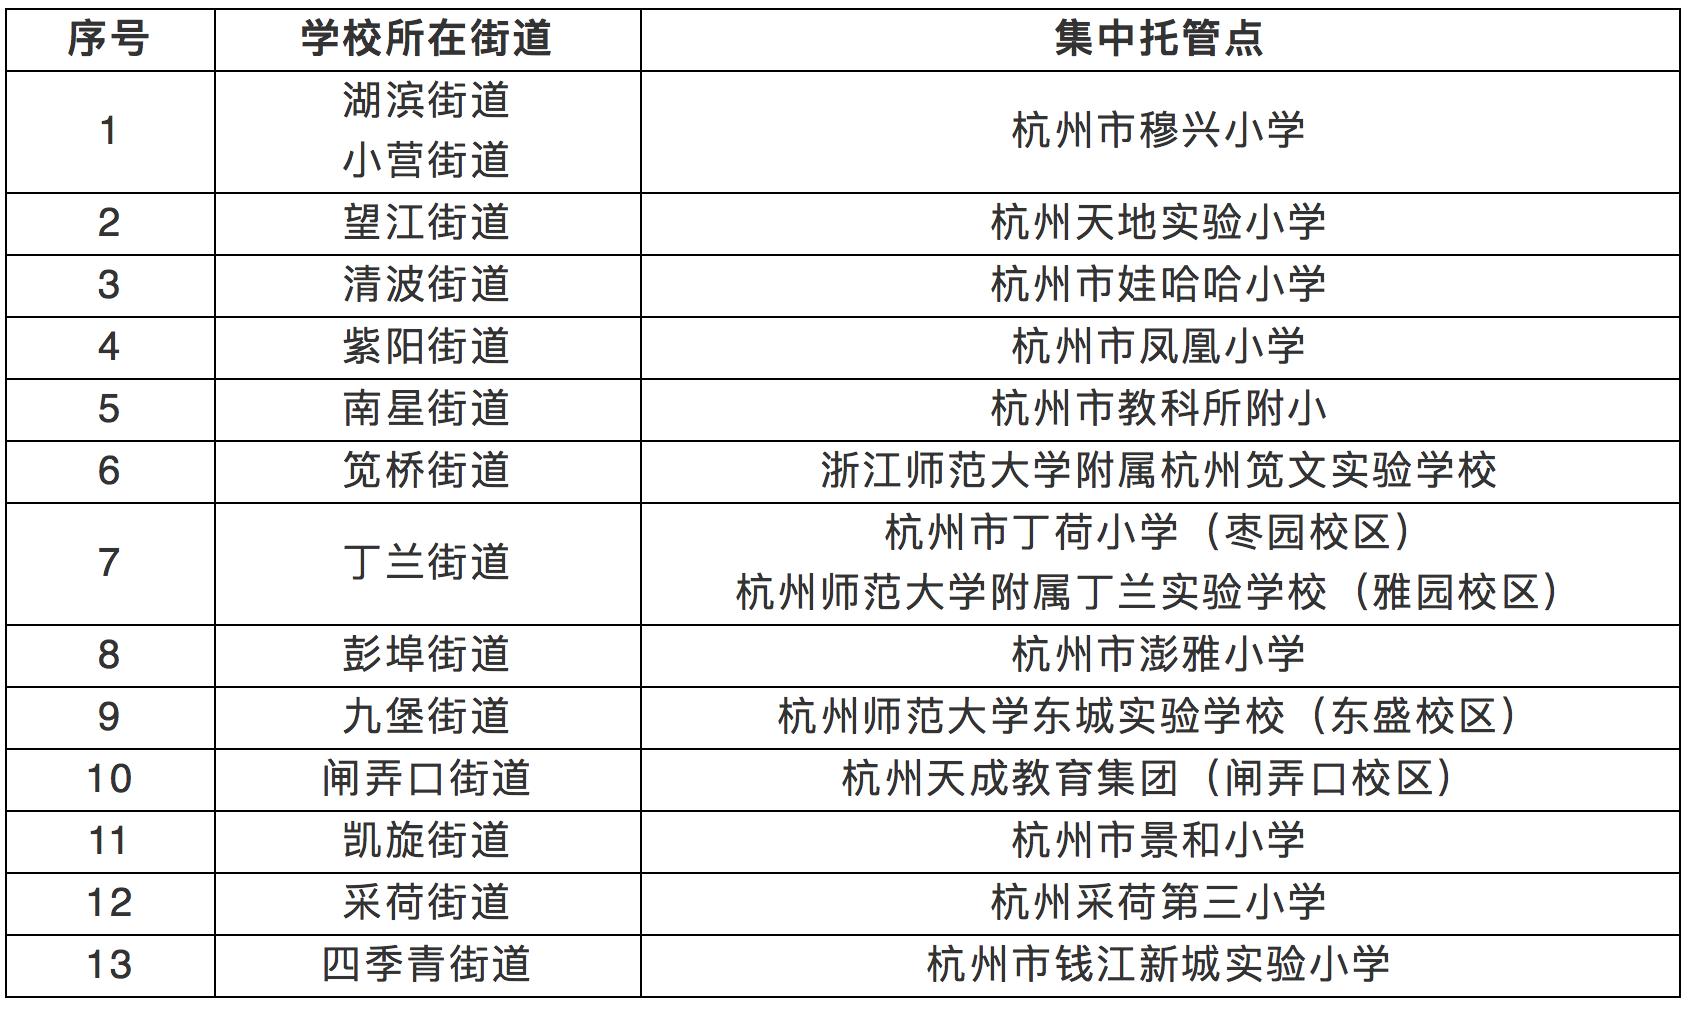 最全!杭州各区暑托班已全面开启,价格如何,距离你家最近的在哪,快来看!